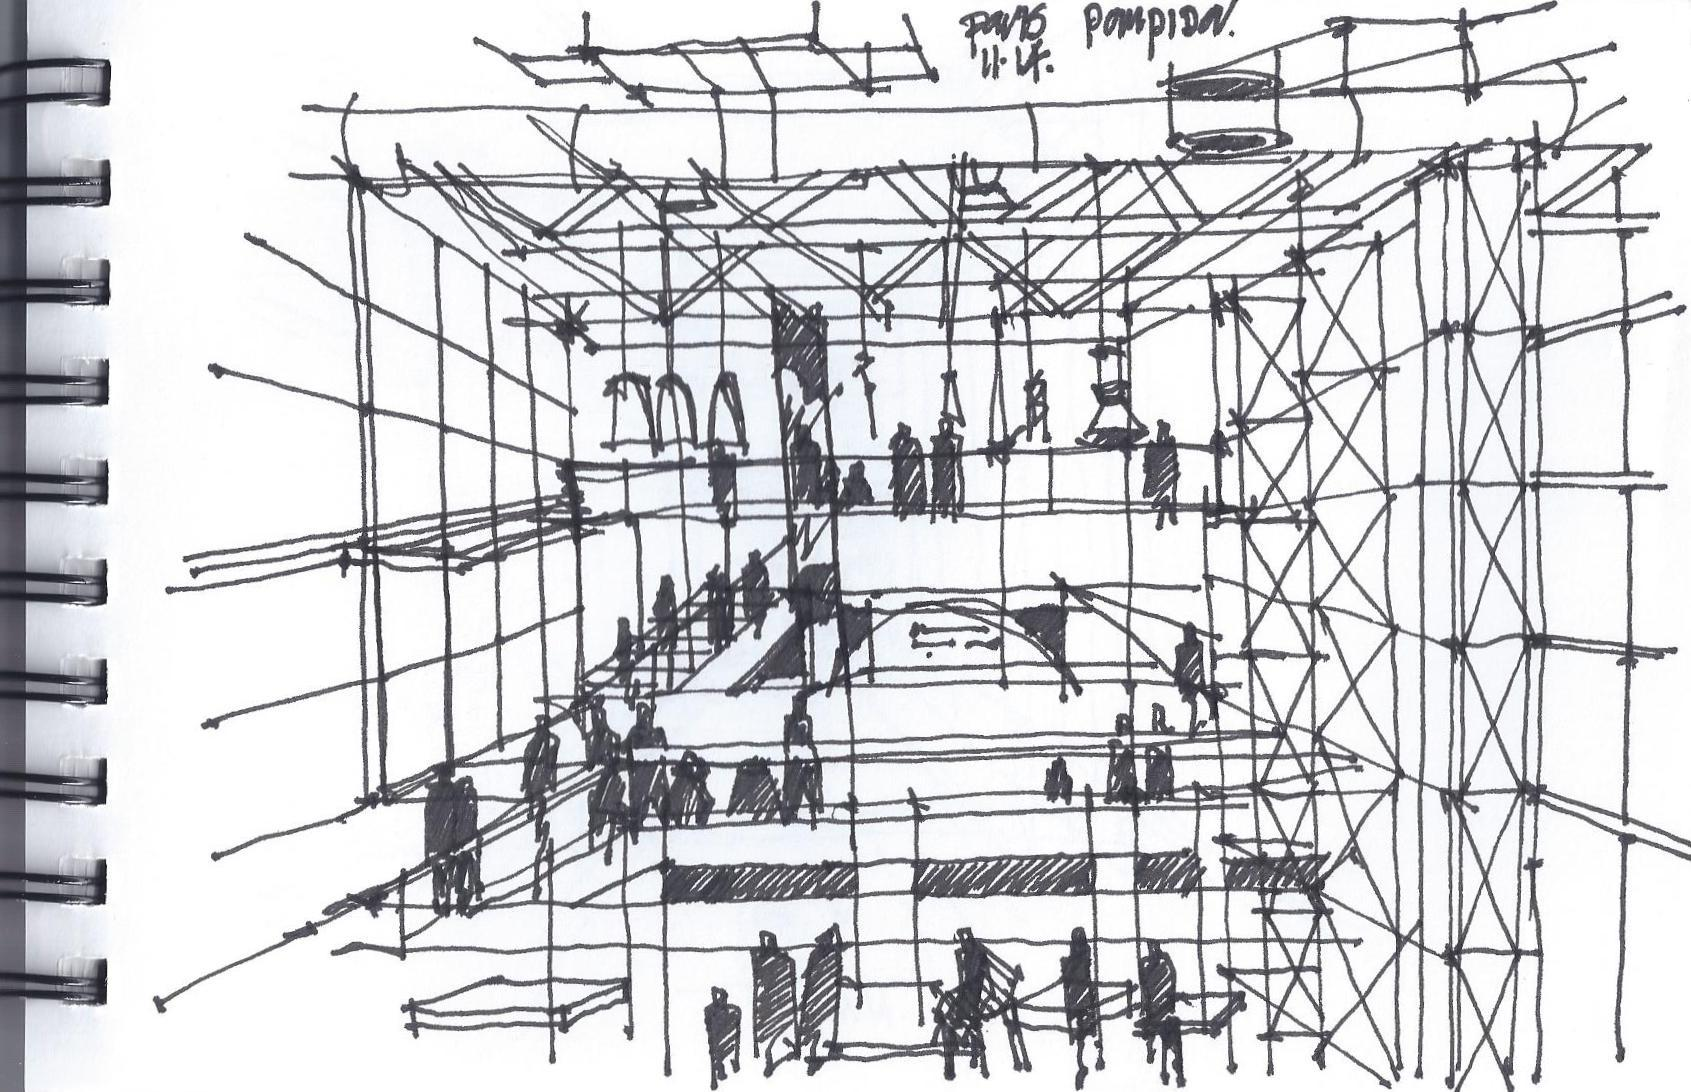 Pompidou Center Interior Main Atrium, Paris, November 2014